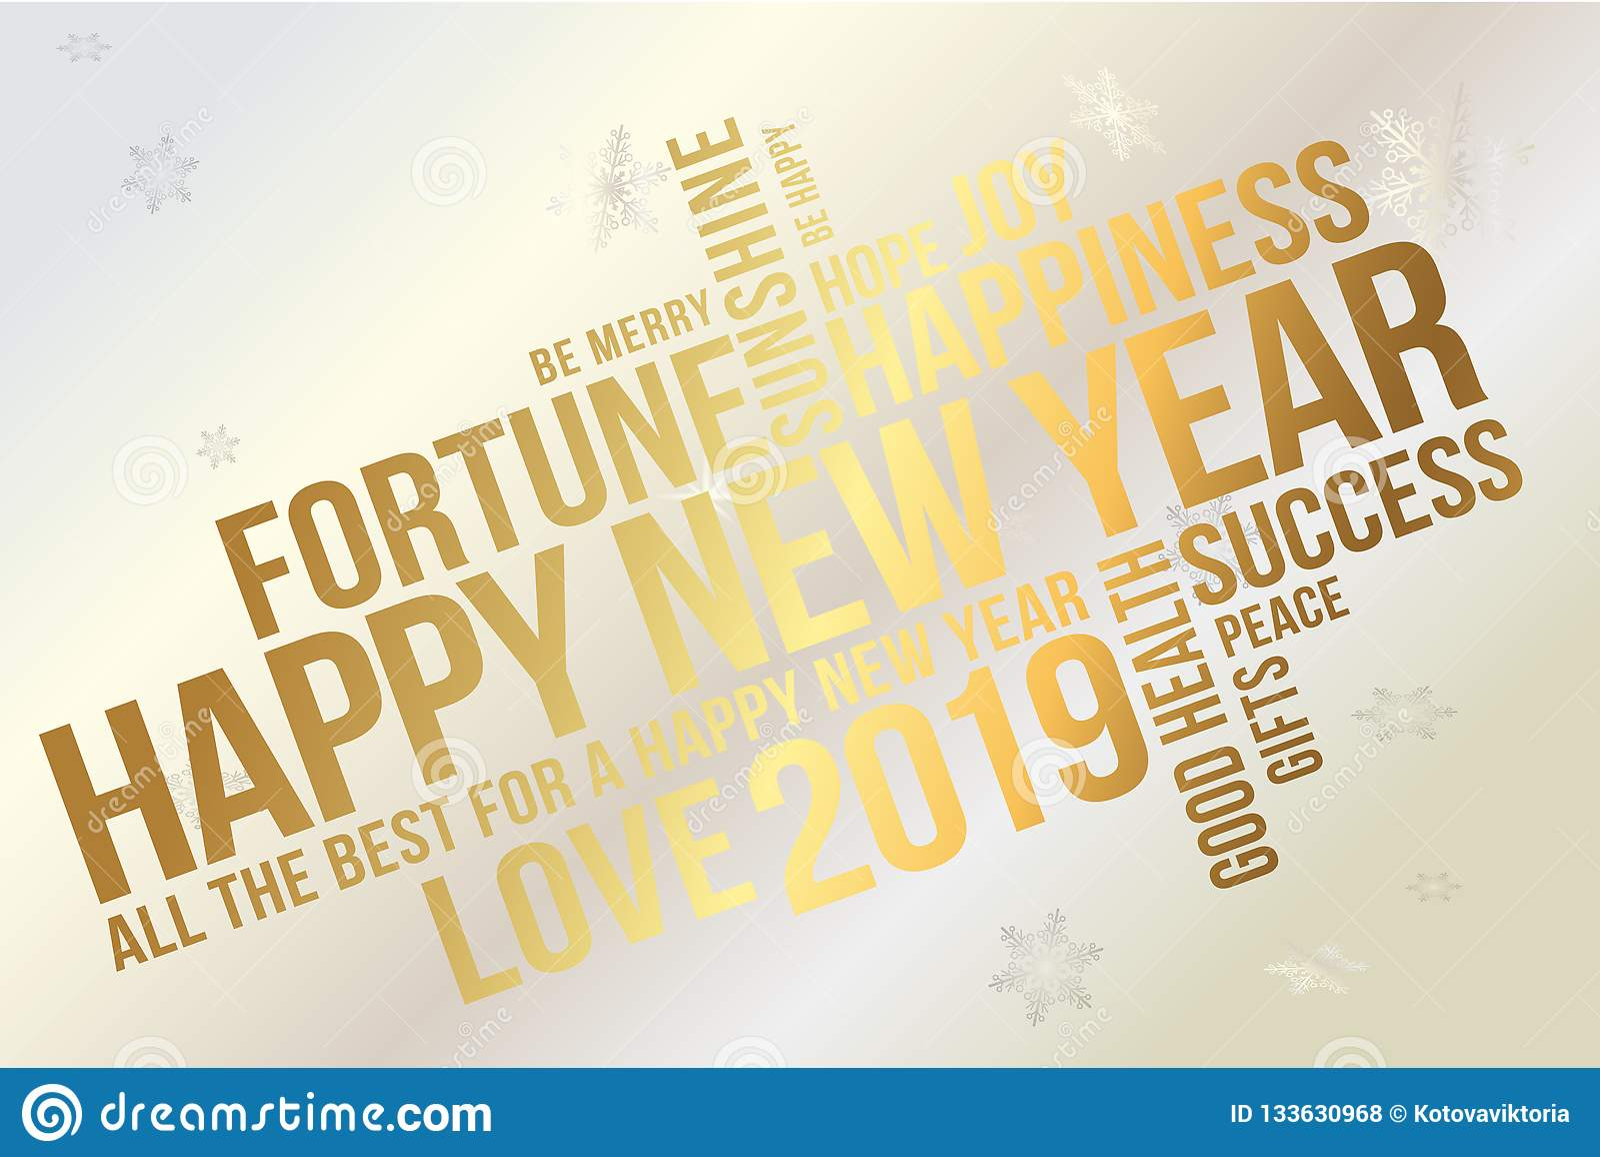 Cartão 2019 do ano novo feliz Desejos cada sucesso, felicidade, alegria, melhor de tudo, boa saúde, amor